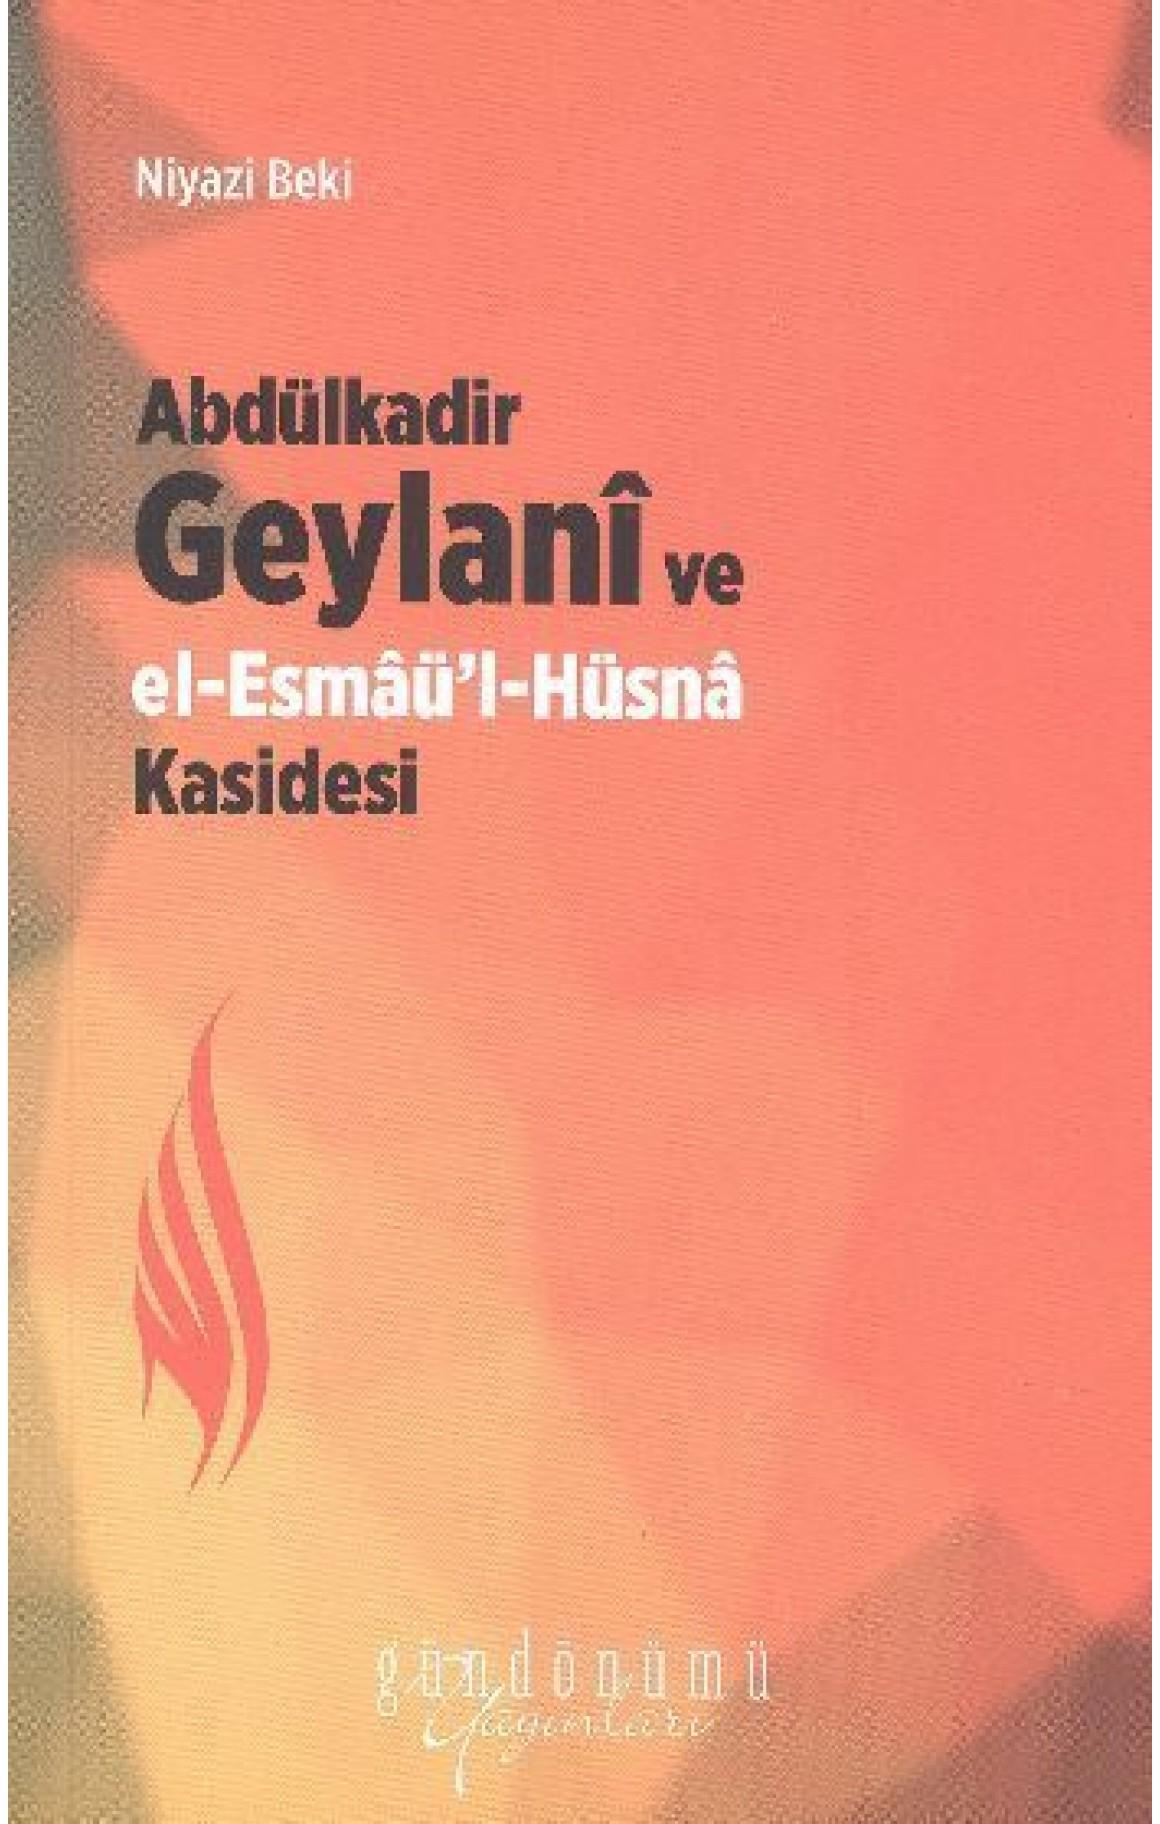 Abdülkadir Geylani ve El Esmaül Hüsna Kasidesi